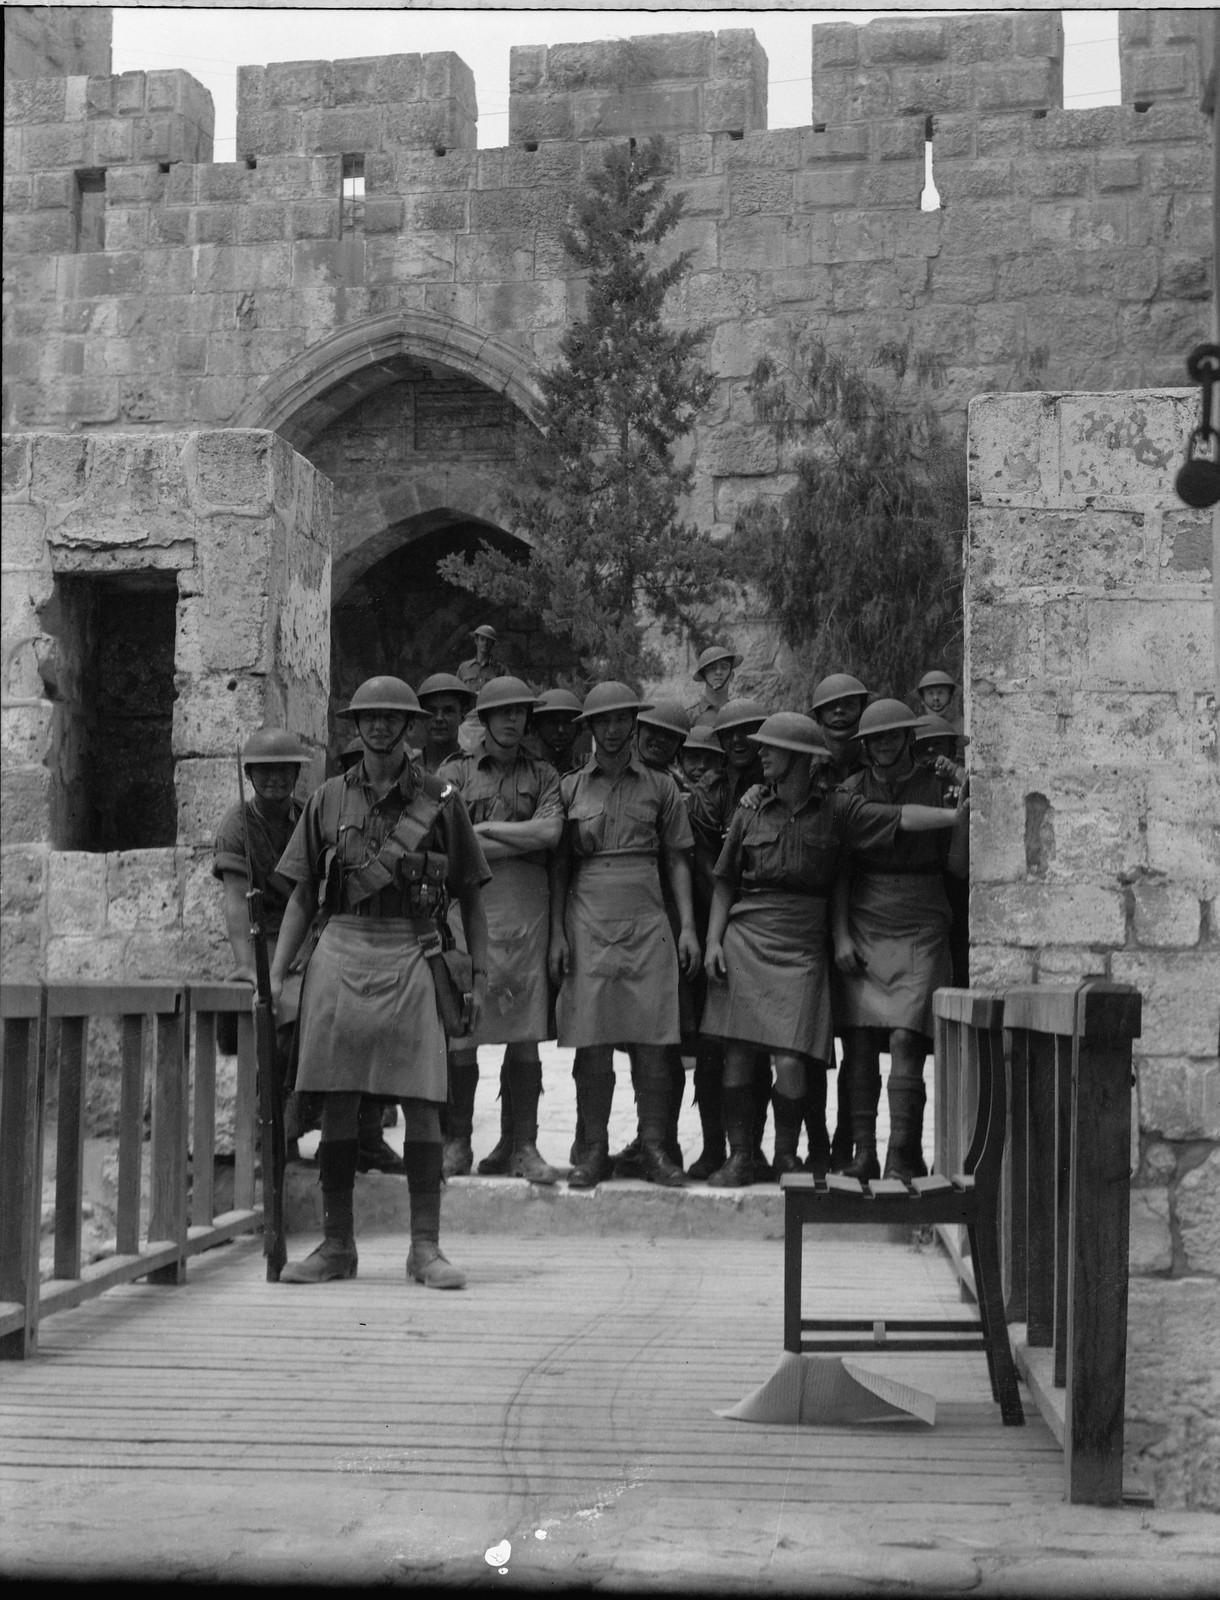 Иерусалим. Британские войска в Башне Давида готовятся в пятничным беспорядкам